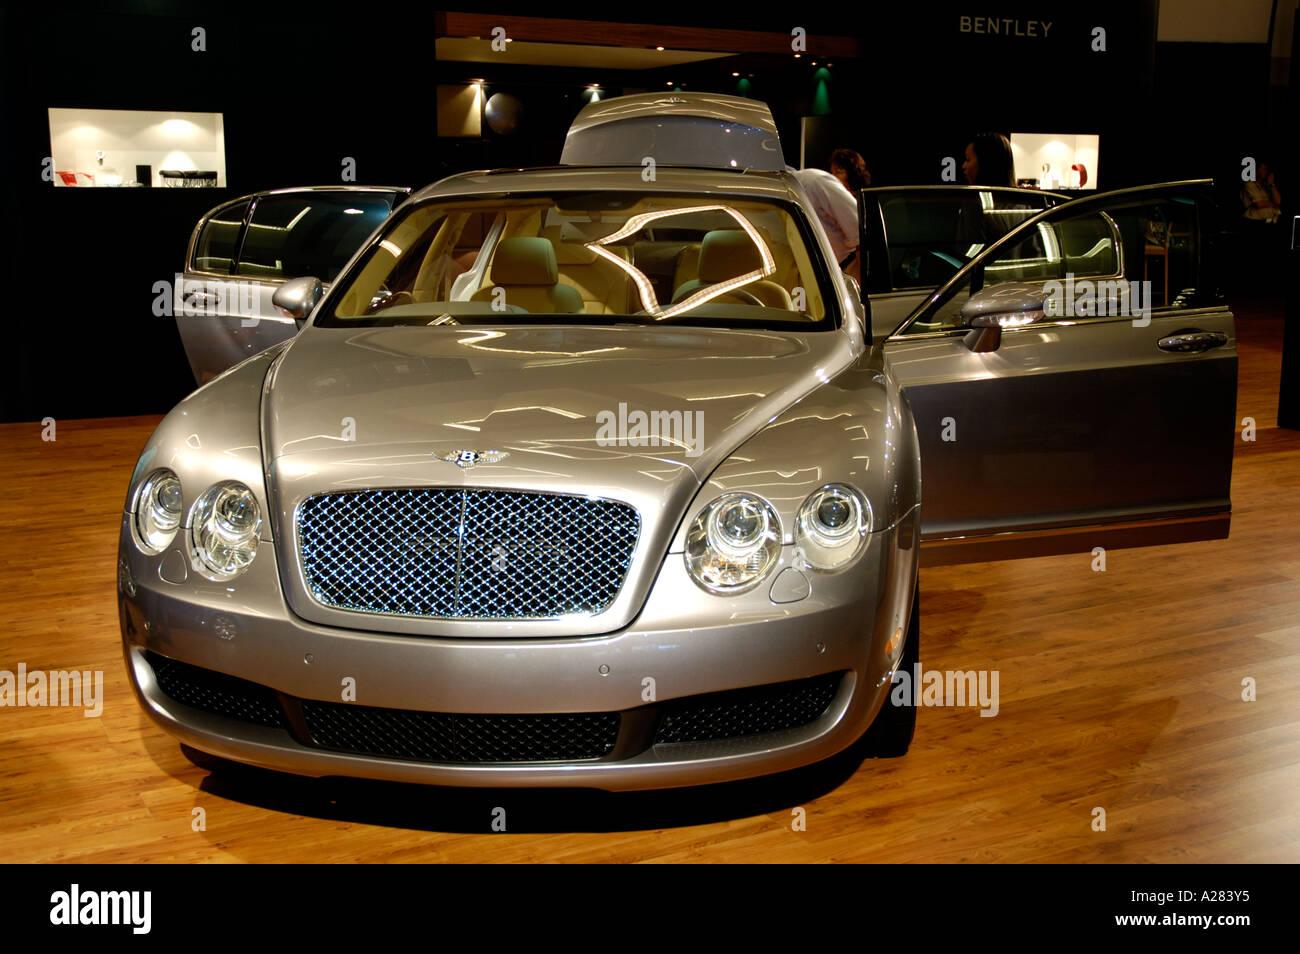 Auto show california 2006